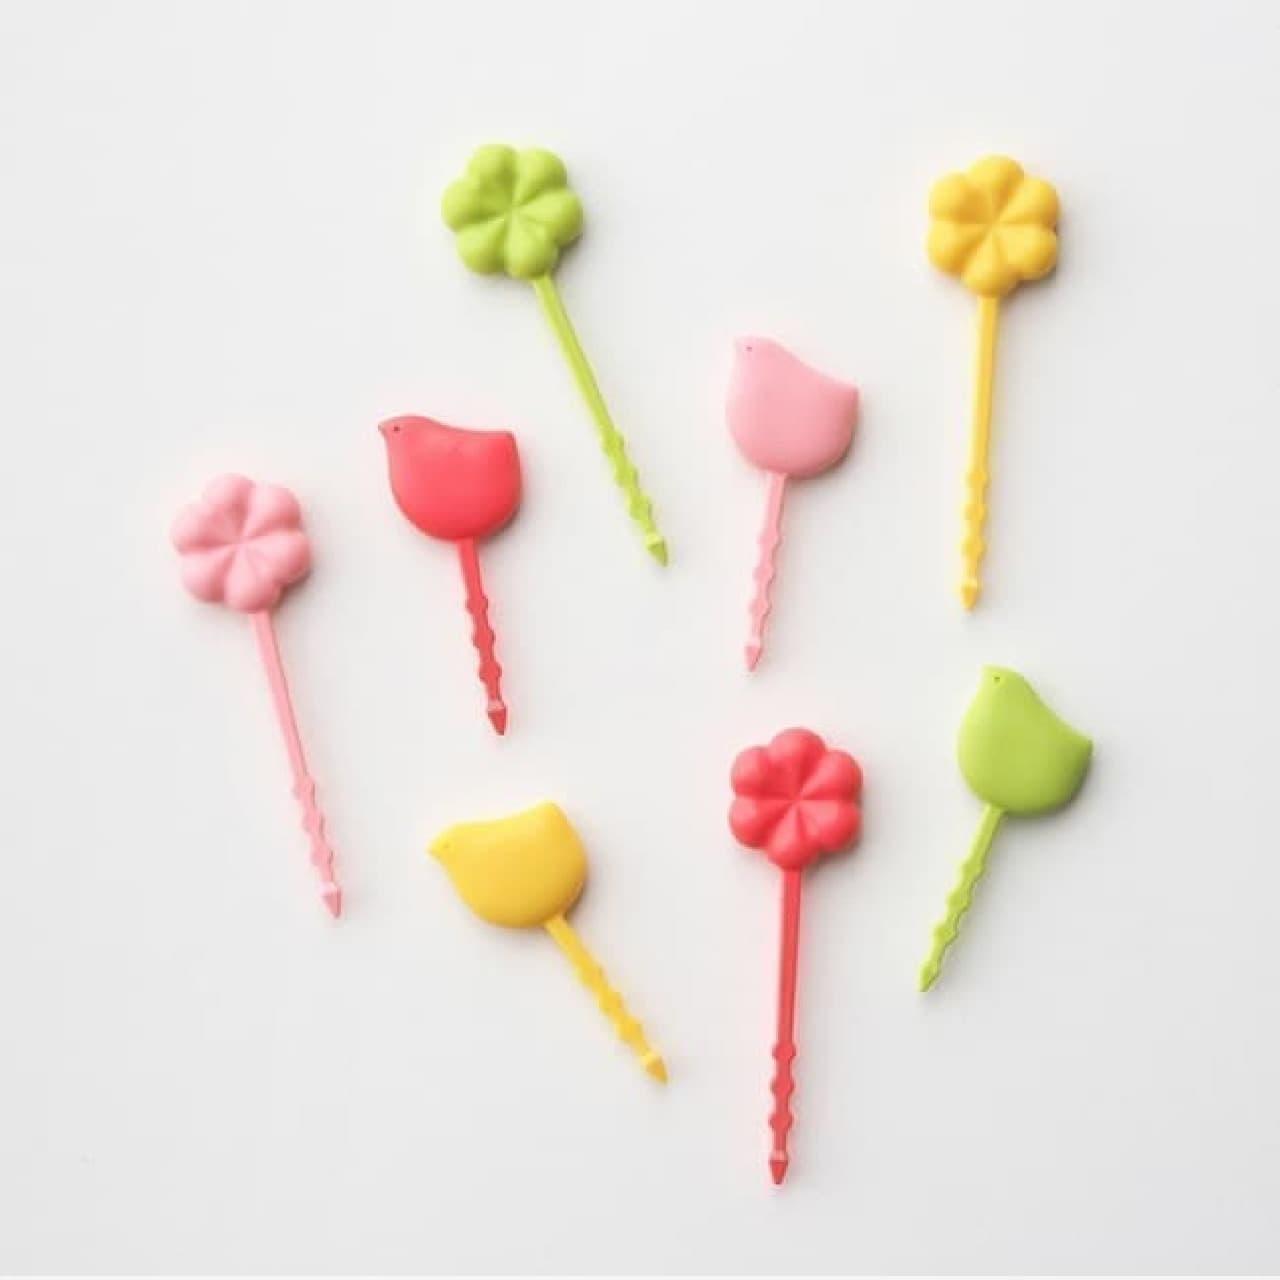 大人女子の弁当を彩る「おかずピック」と「つまようじキャップ」--鳥や花のモチーフで可愛さと食べやすさをアップ